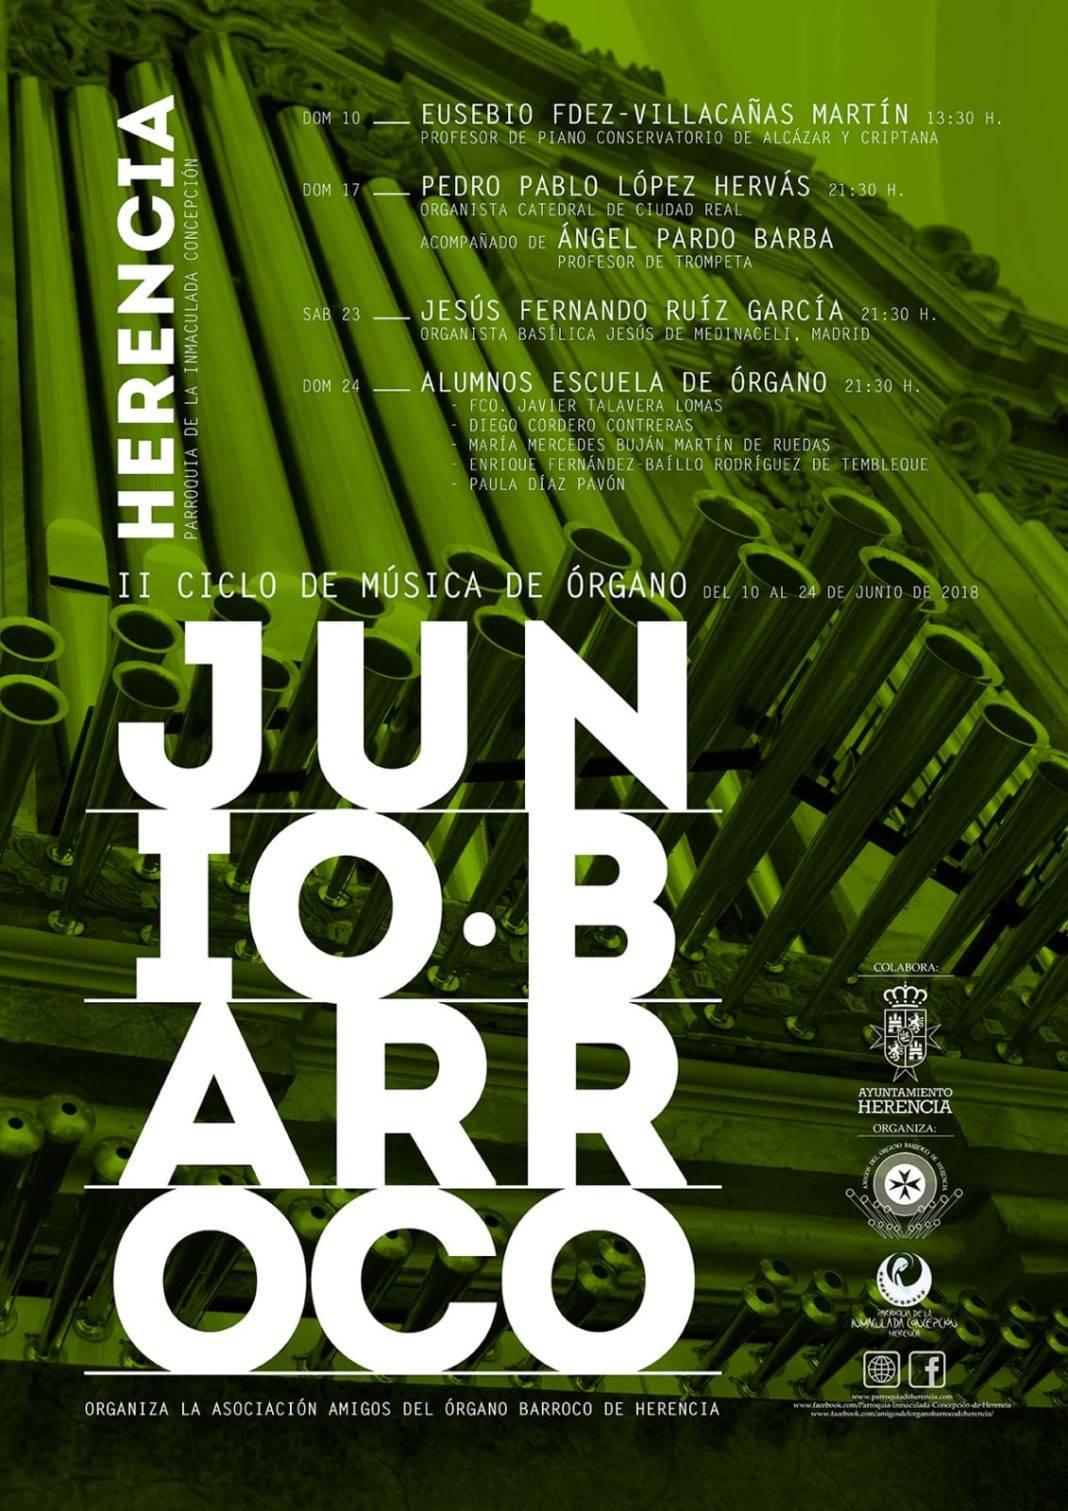 """Continúan los conciertos de órgano del II ciclo de música """"Junio Barroco"""" 4"""